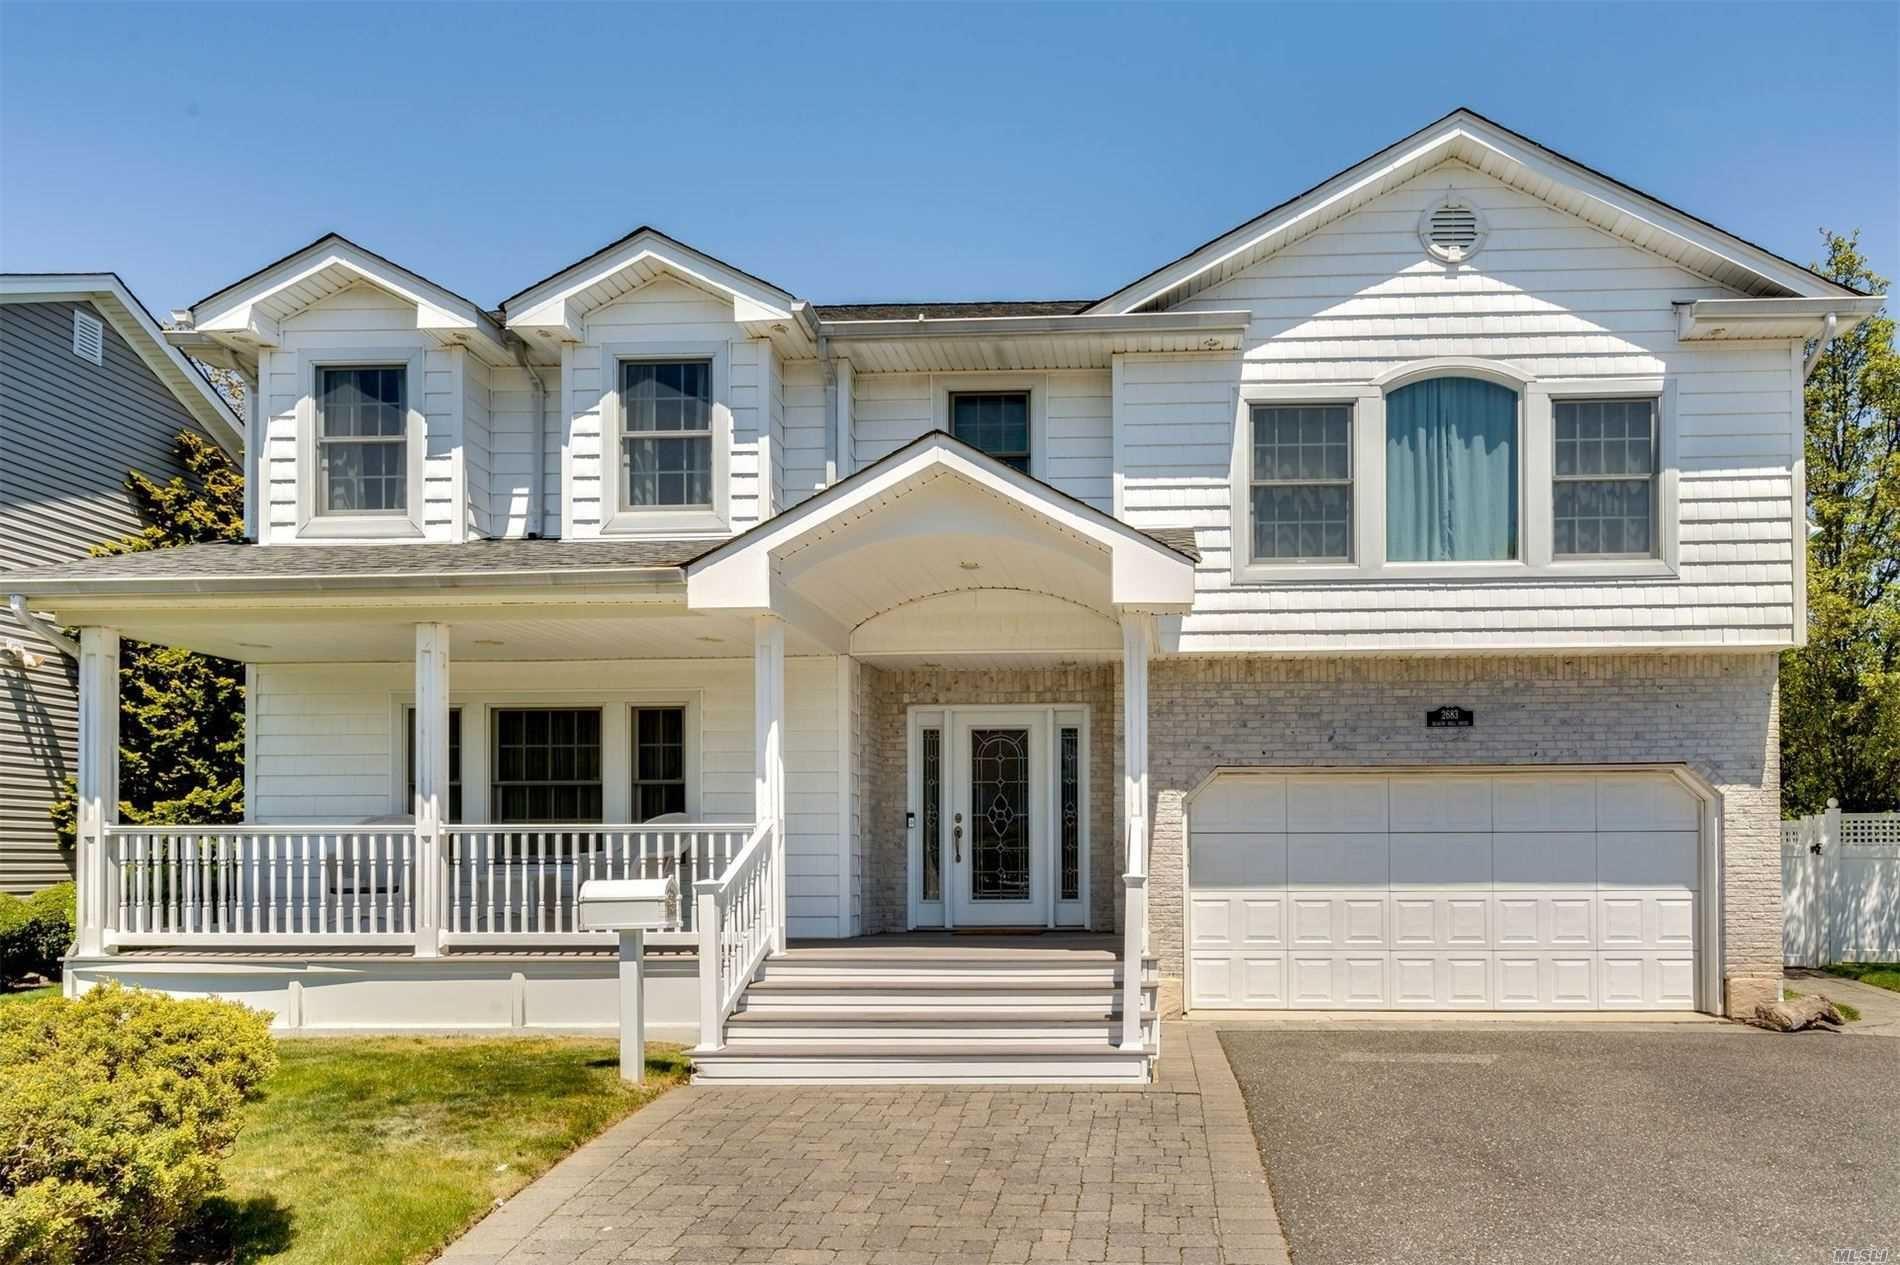 2683 Beacon Hill Drive, Bellmore, NY 11710 - MLS#: 3223267